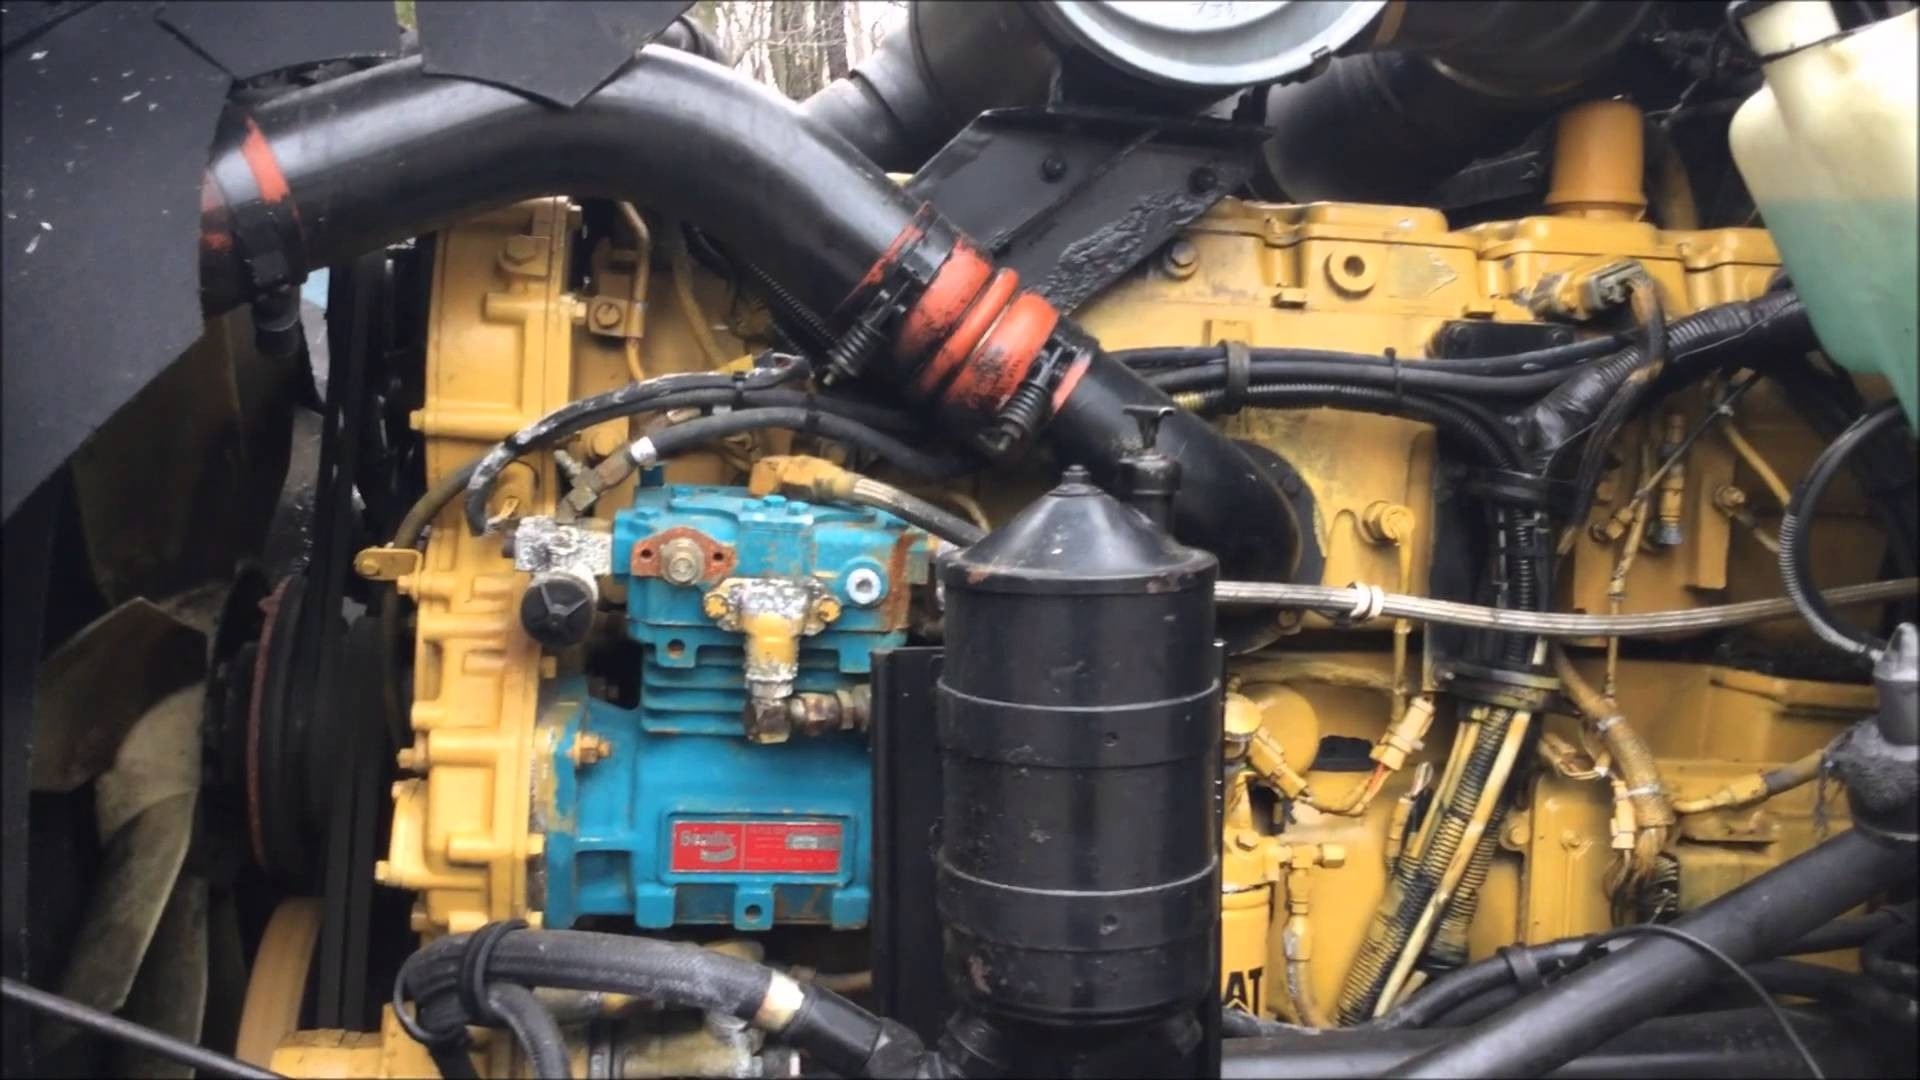 C15 Cat Engine Belt Diagram Caterpillar 3406e Good Running Engine for Sale Of C15 Cat Engine Belt Diagram T800 Belts Diagram Kenworth T800 Belt Diagram Wiring Diagrams